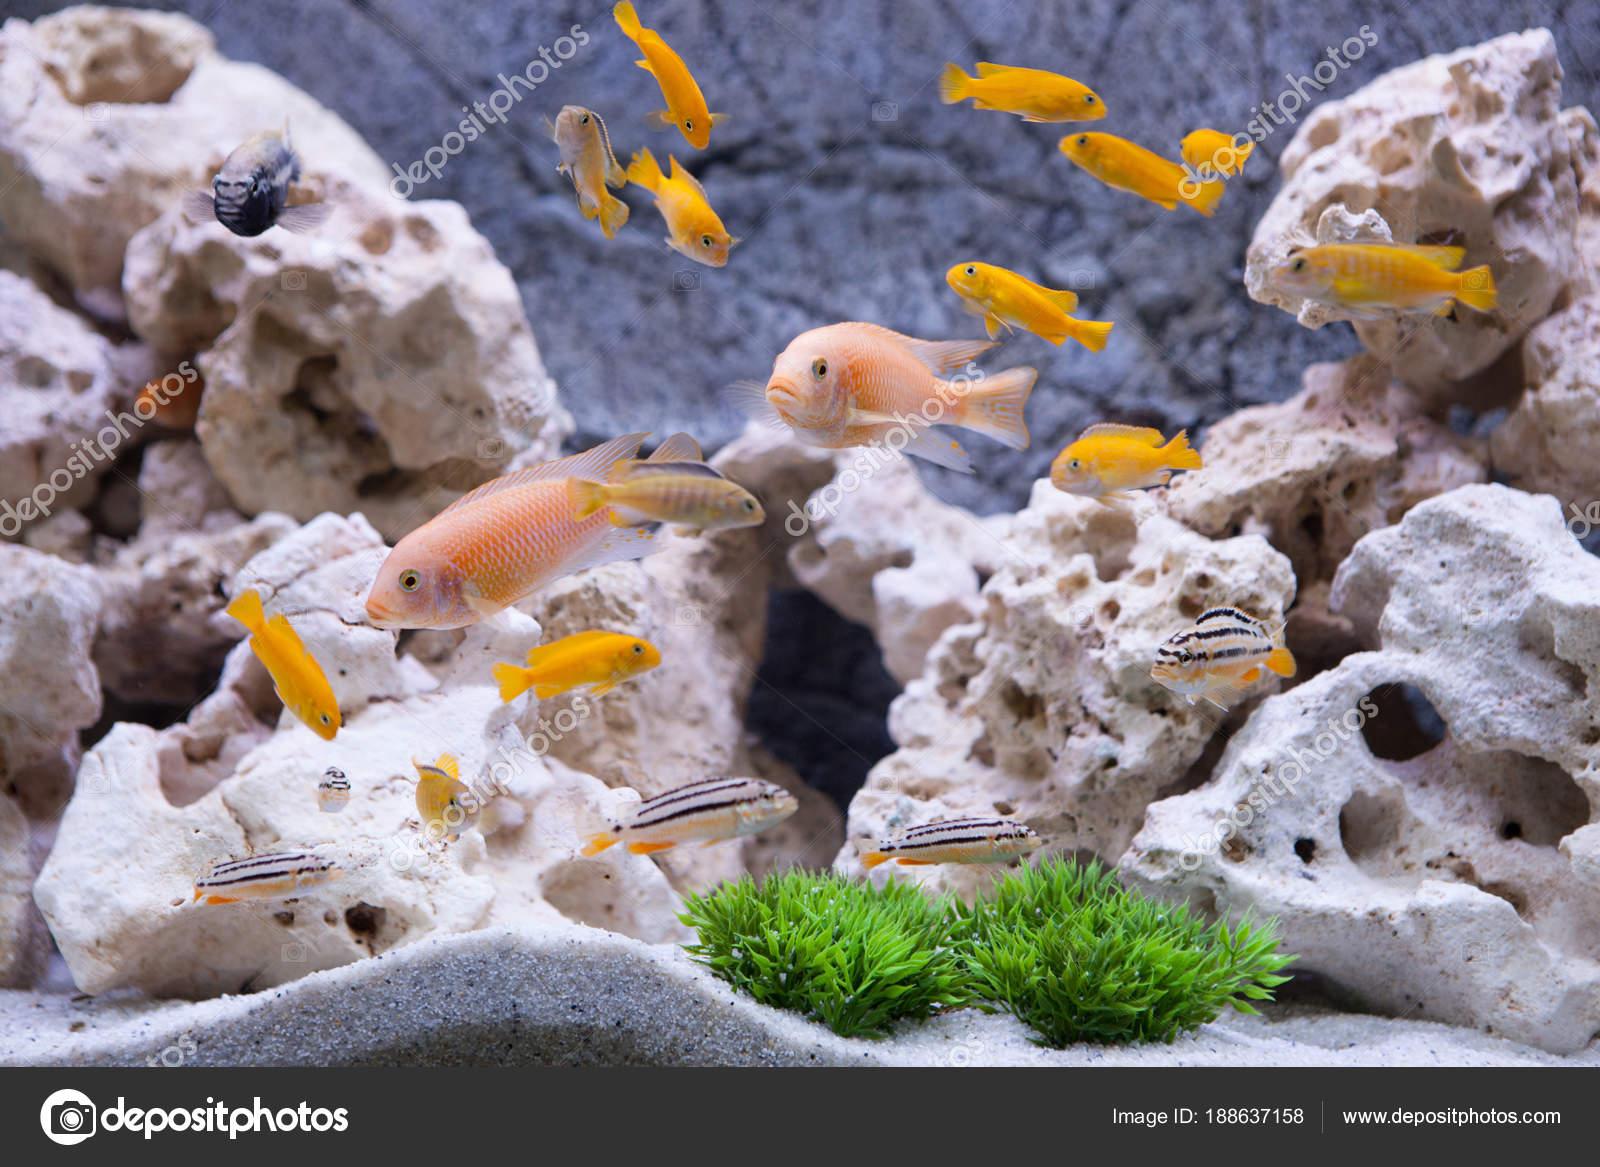 Akwarium Z Rybami Pielęgnice Z Jeziora Malawi Zdjęcie Stockowe